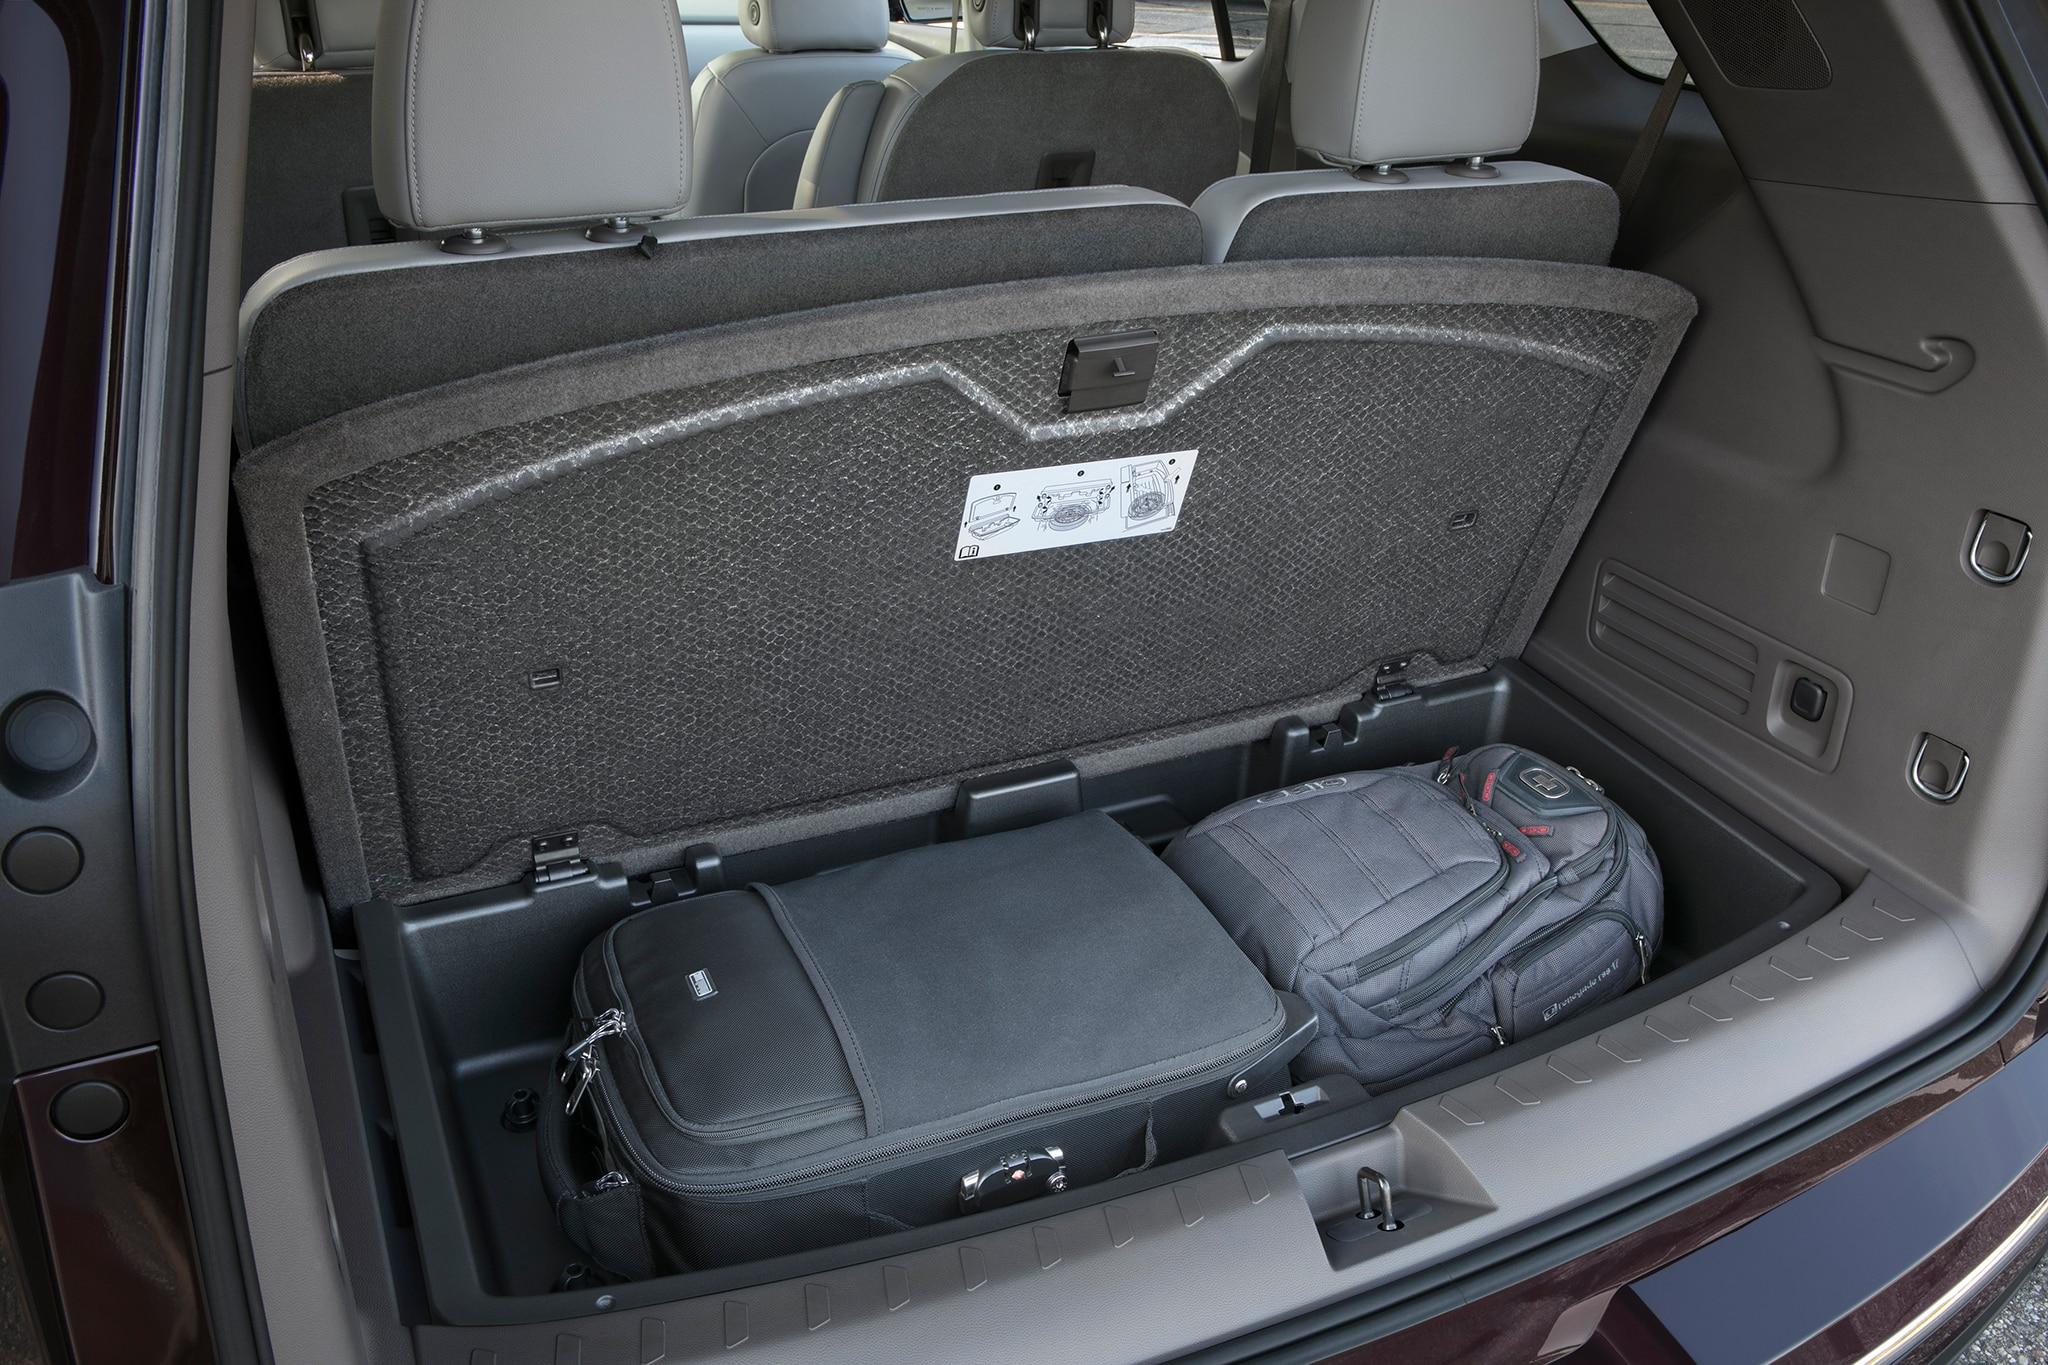 2018 Chevrolet Traverse cargo storage - Motor Trend en Español